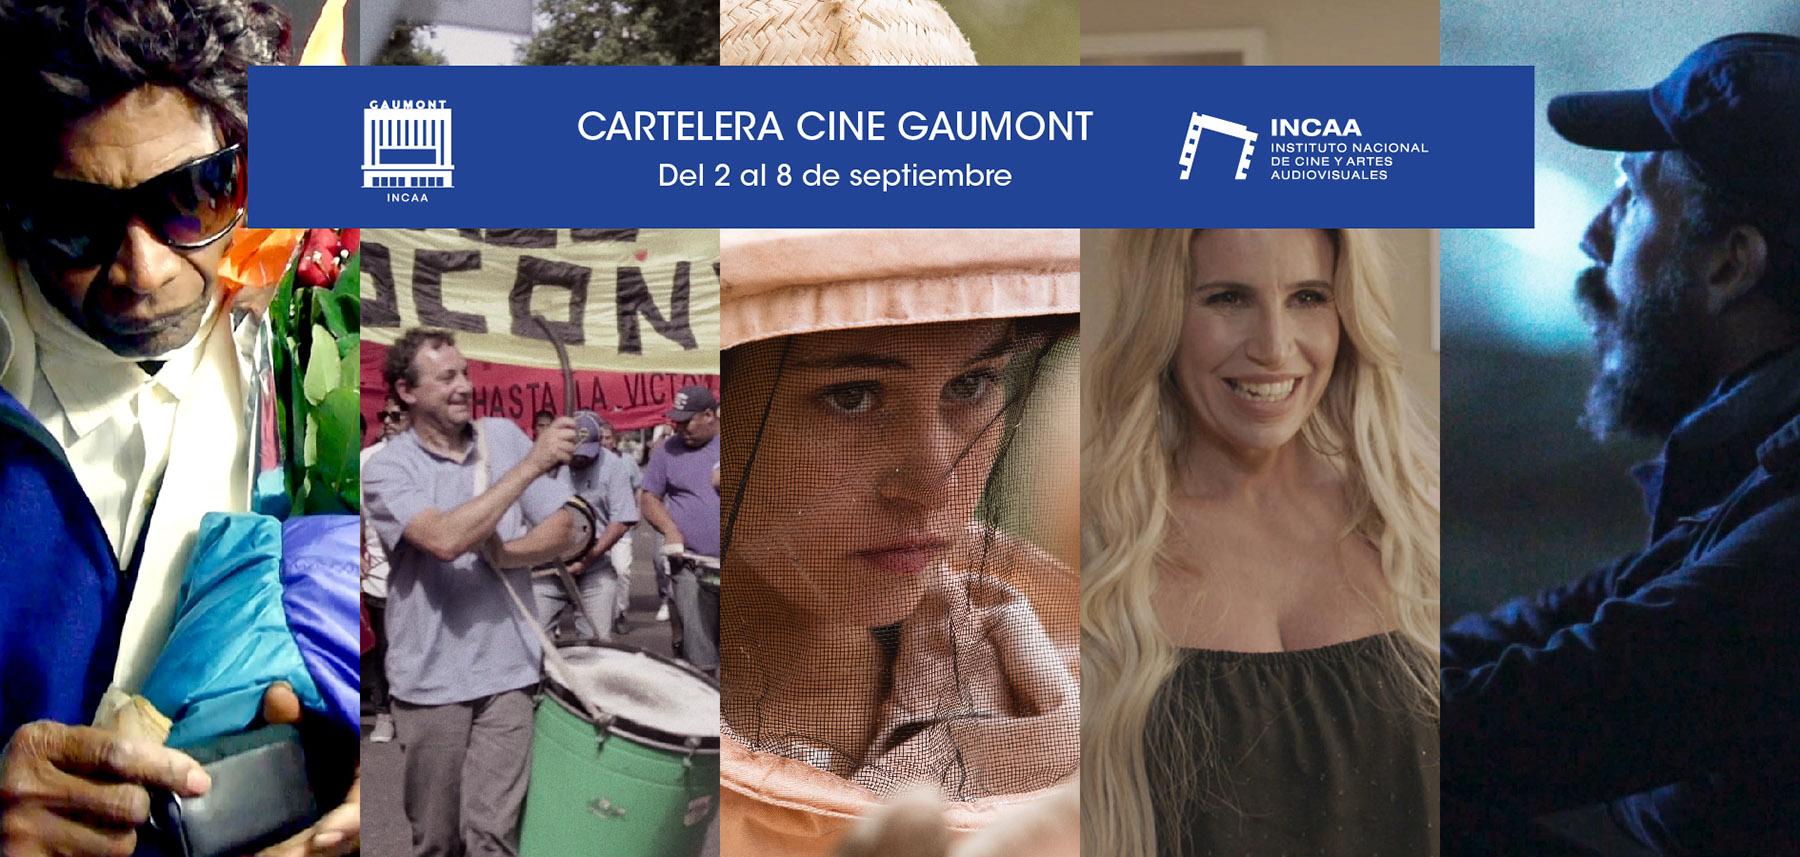 Cartelera Gaumont 2 al 8 de septiembre